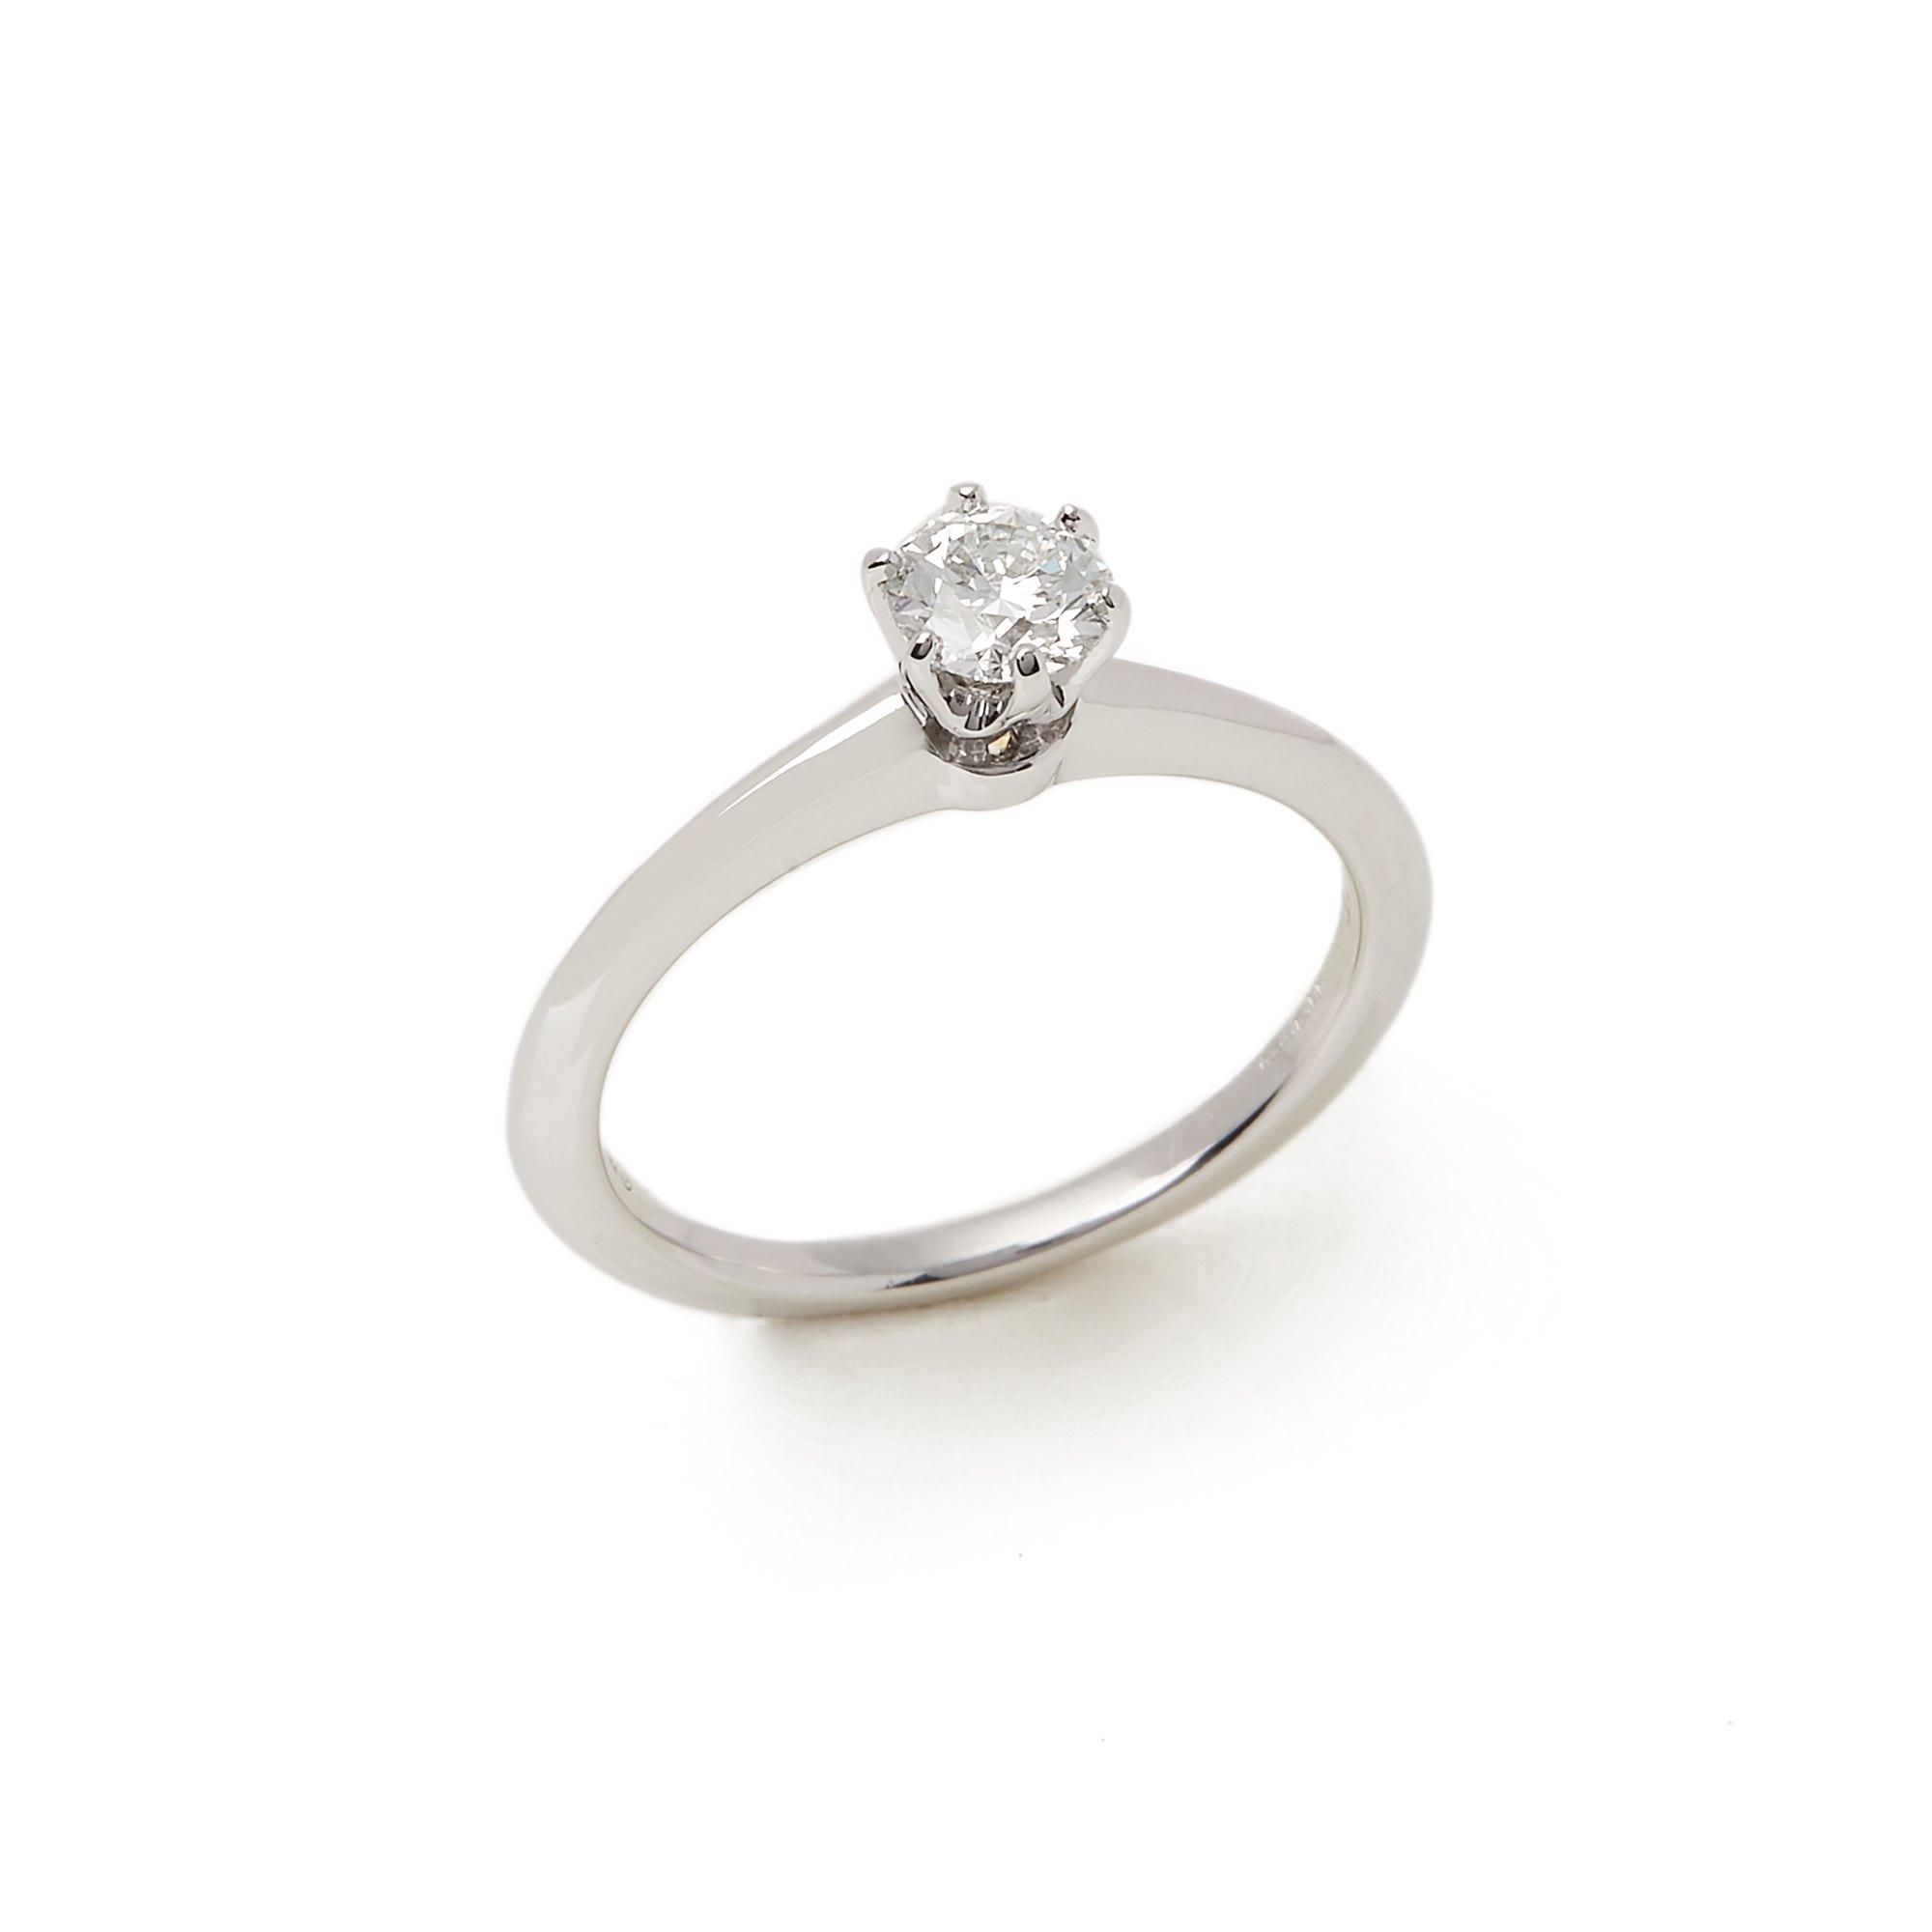 Tiffany & Co. Platinum 0.35ct Round Brilliant Cut Diamond Solitaire Ring